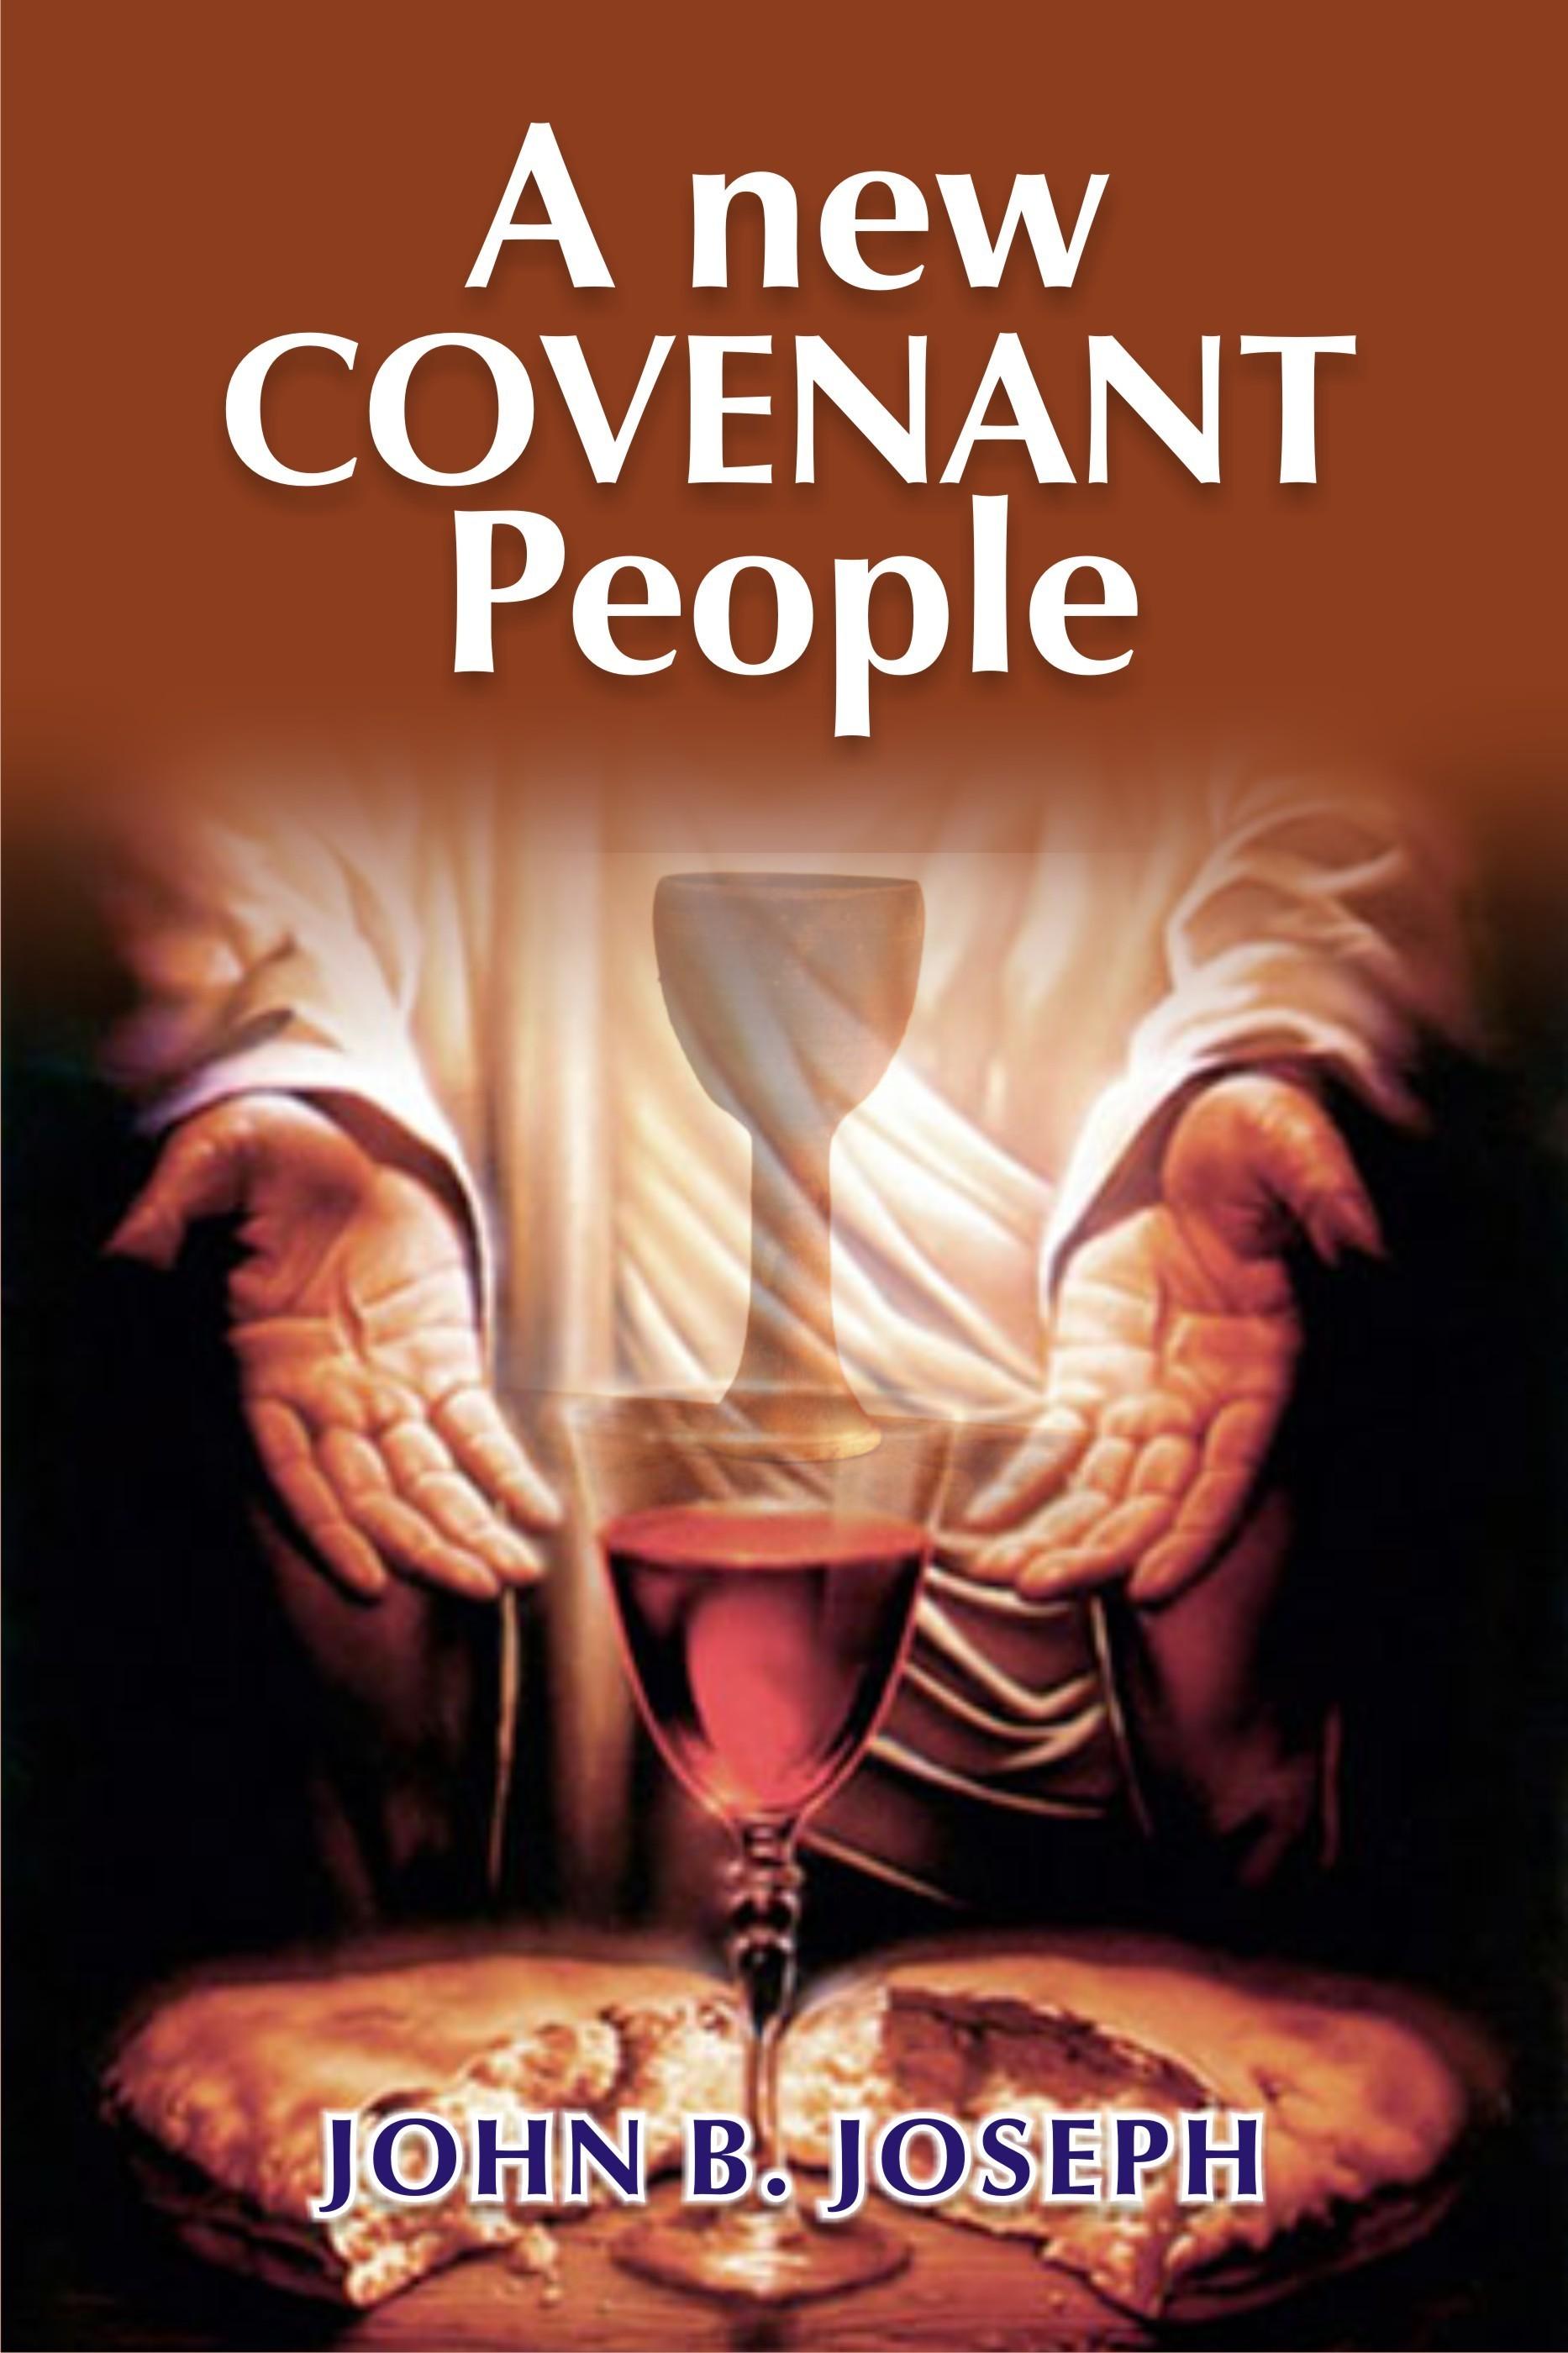 A New Covenant People John B. Joseph